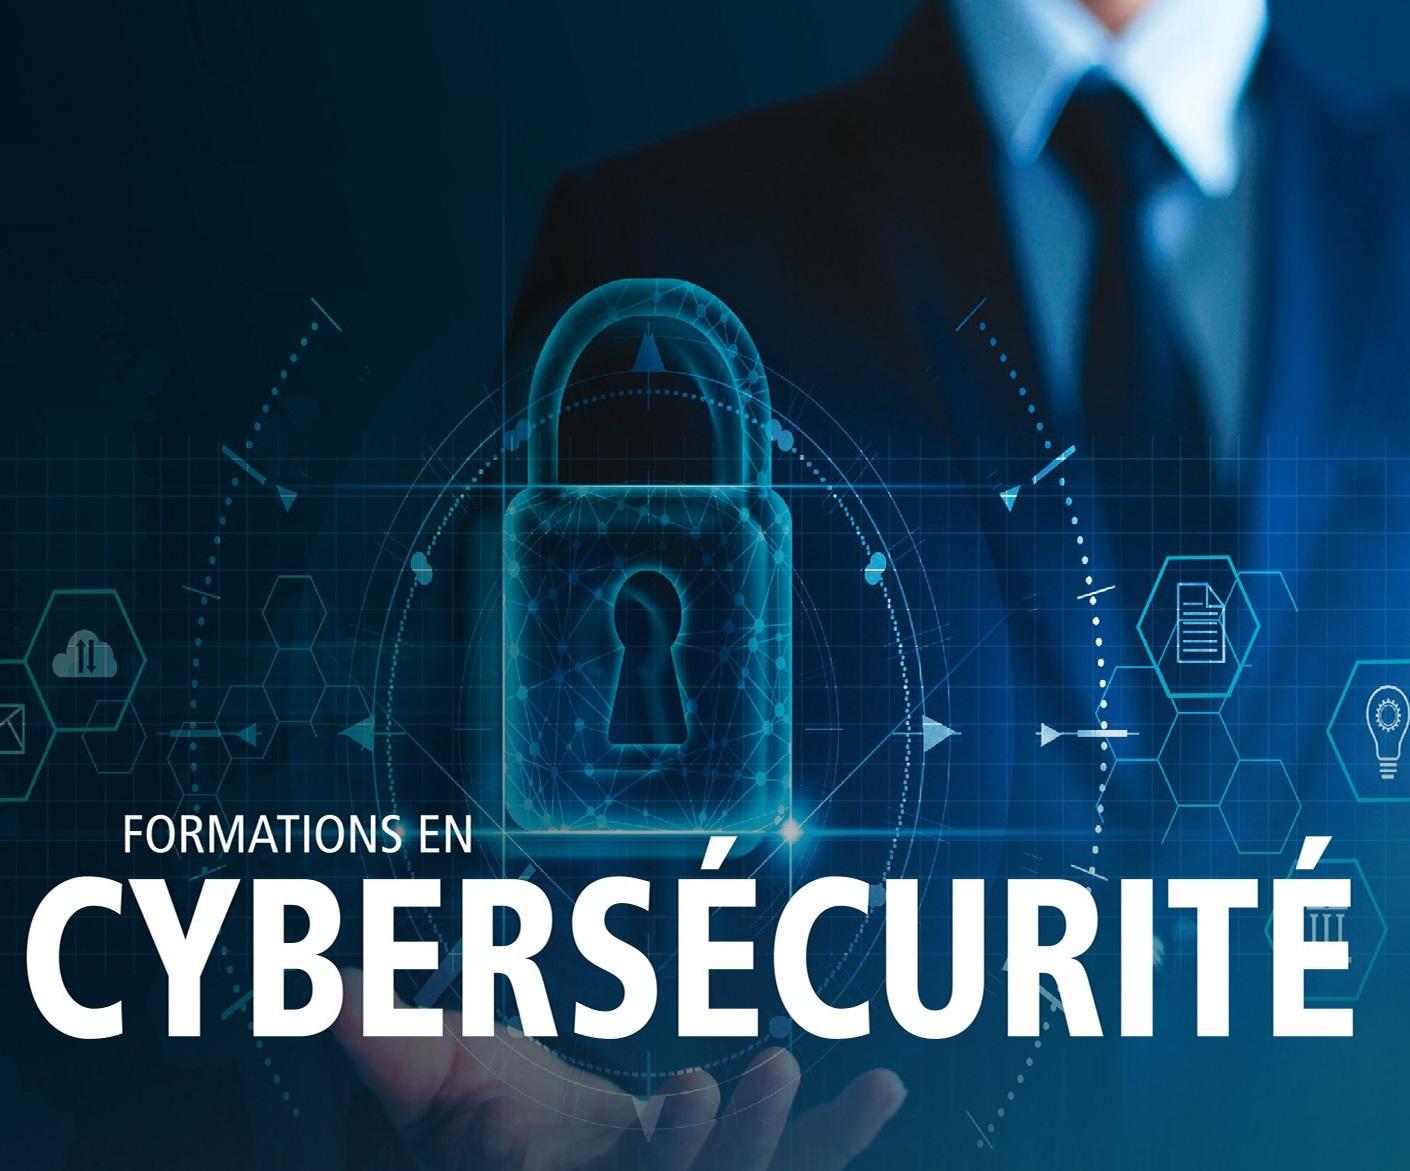 Cyberswat et Extra Formation s'allient pour promouvoir la cybersécurité